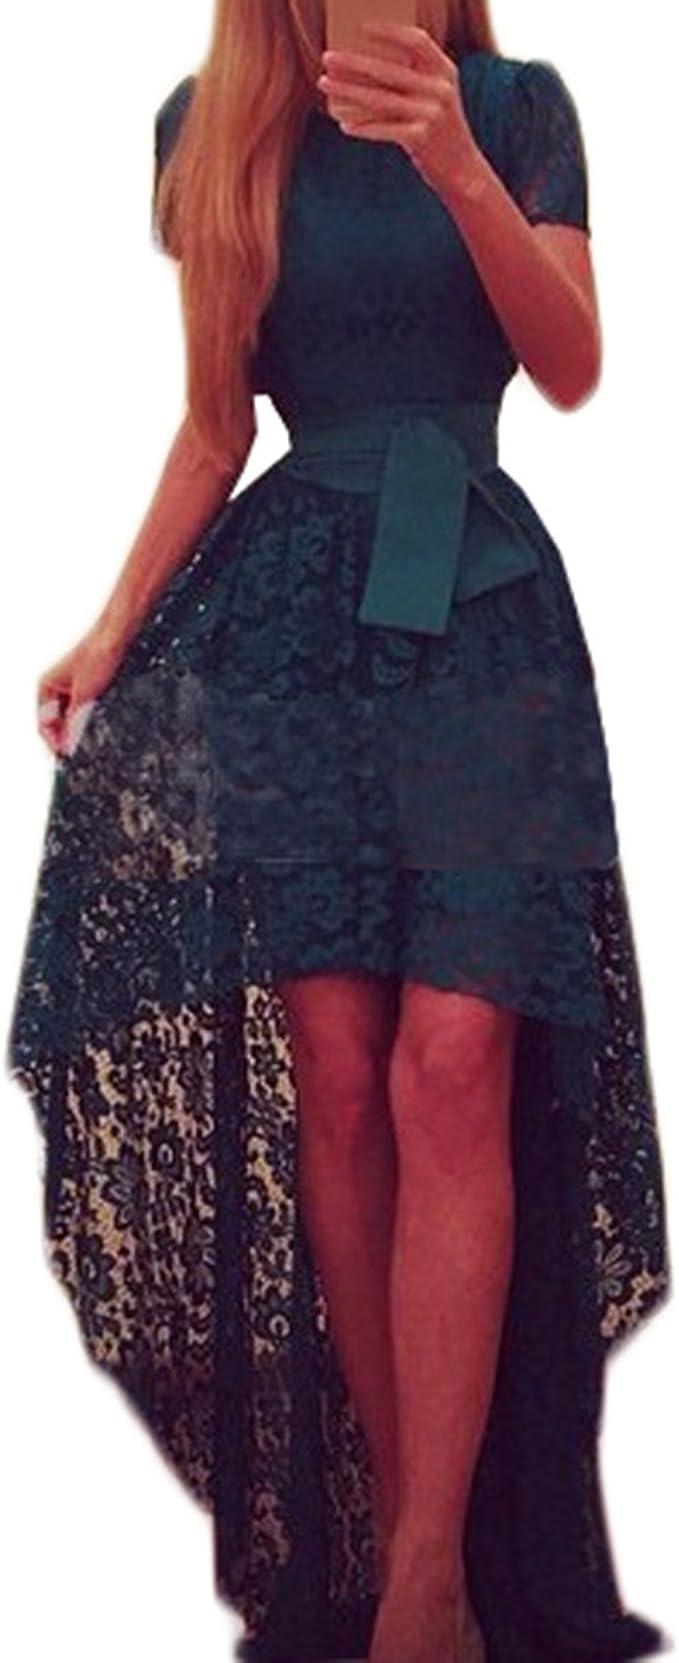 Tomayth Damen Elegant Kurzarm Spitzenkleid Festkleid Kleid Vorne